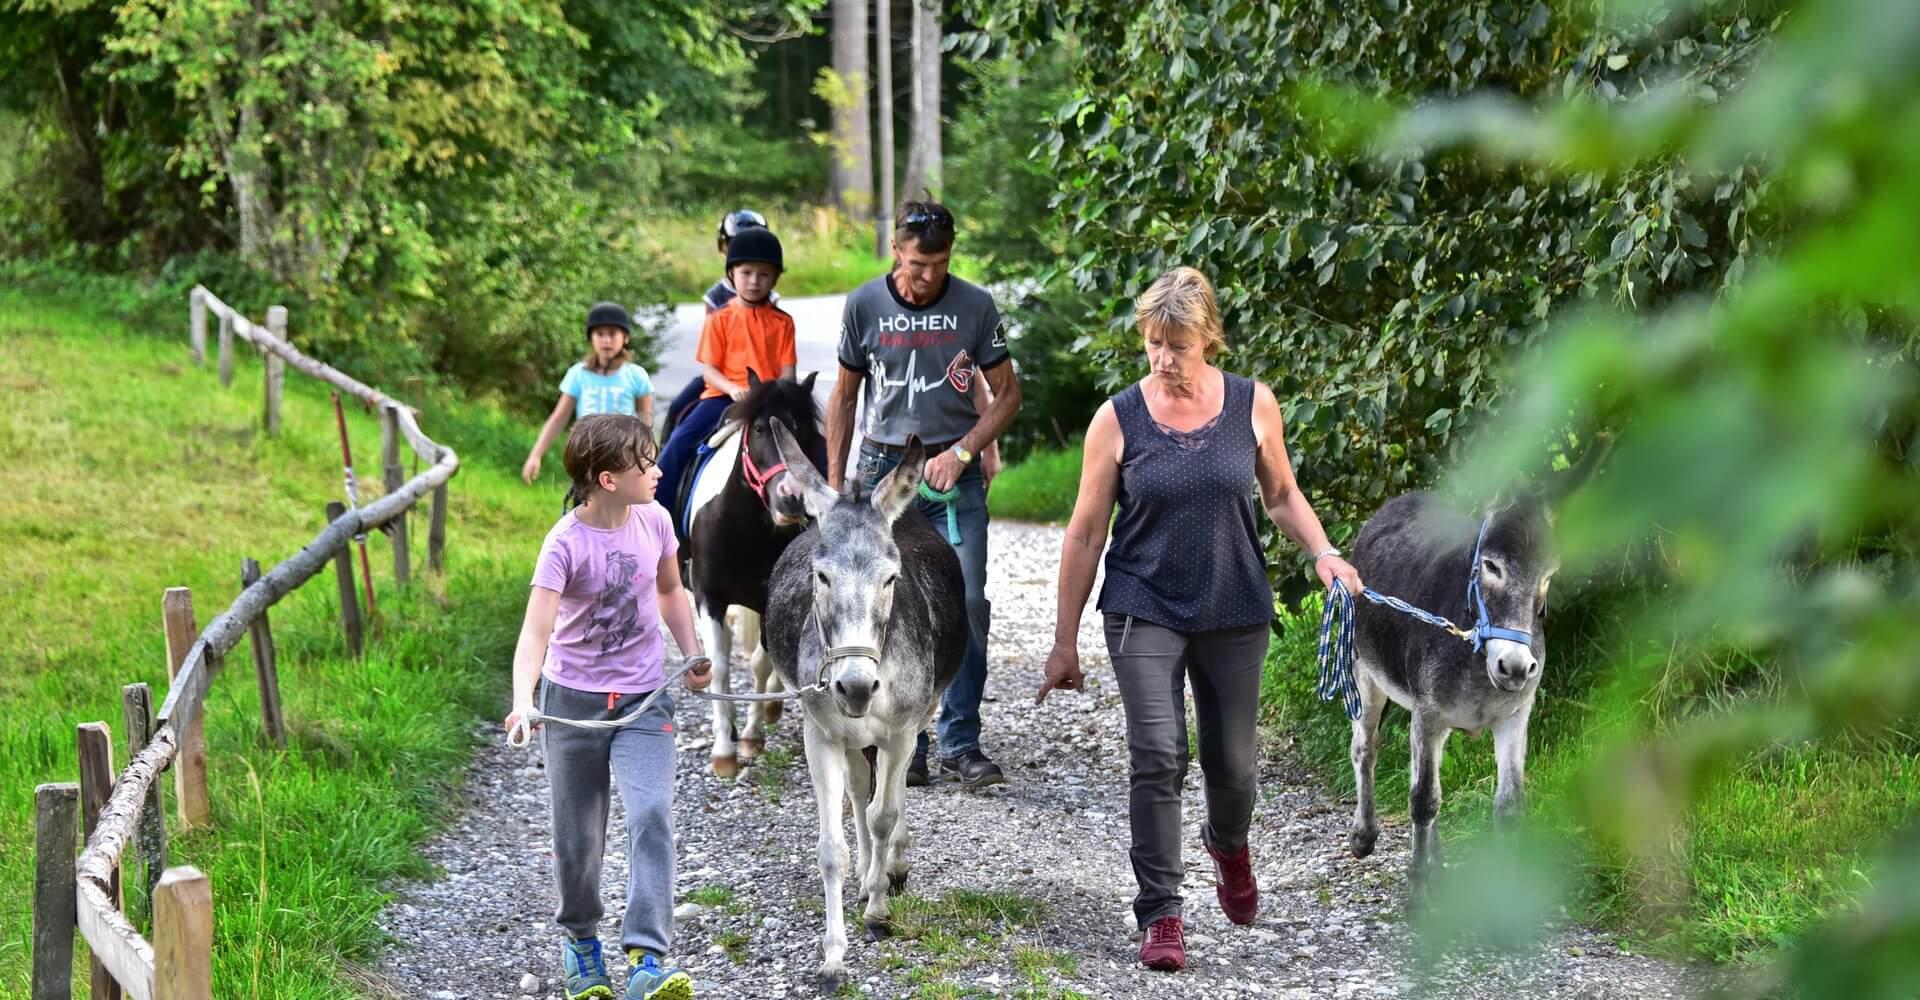 Familienurlaub mit Pferden und Tieren in Kärnten am Pilsachhof Region Villach - Gerlitzen - Ossiacher See in Arriach